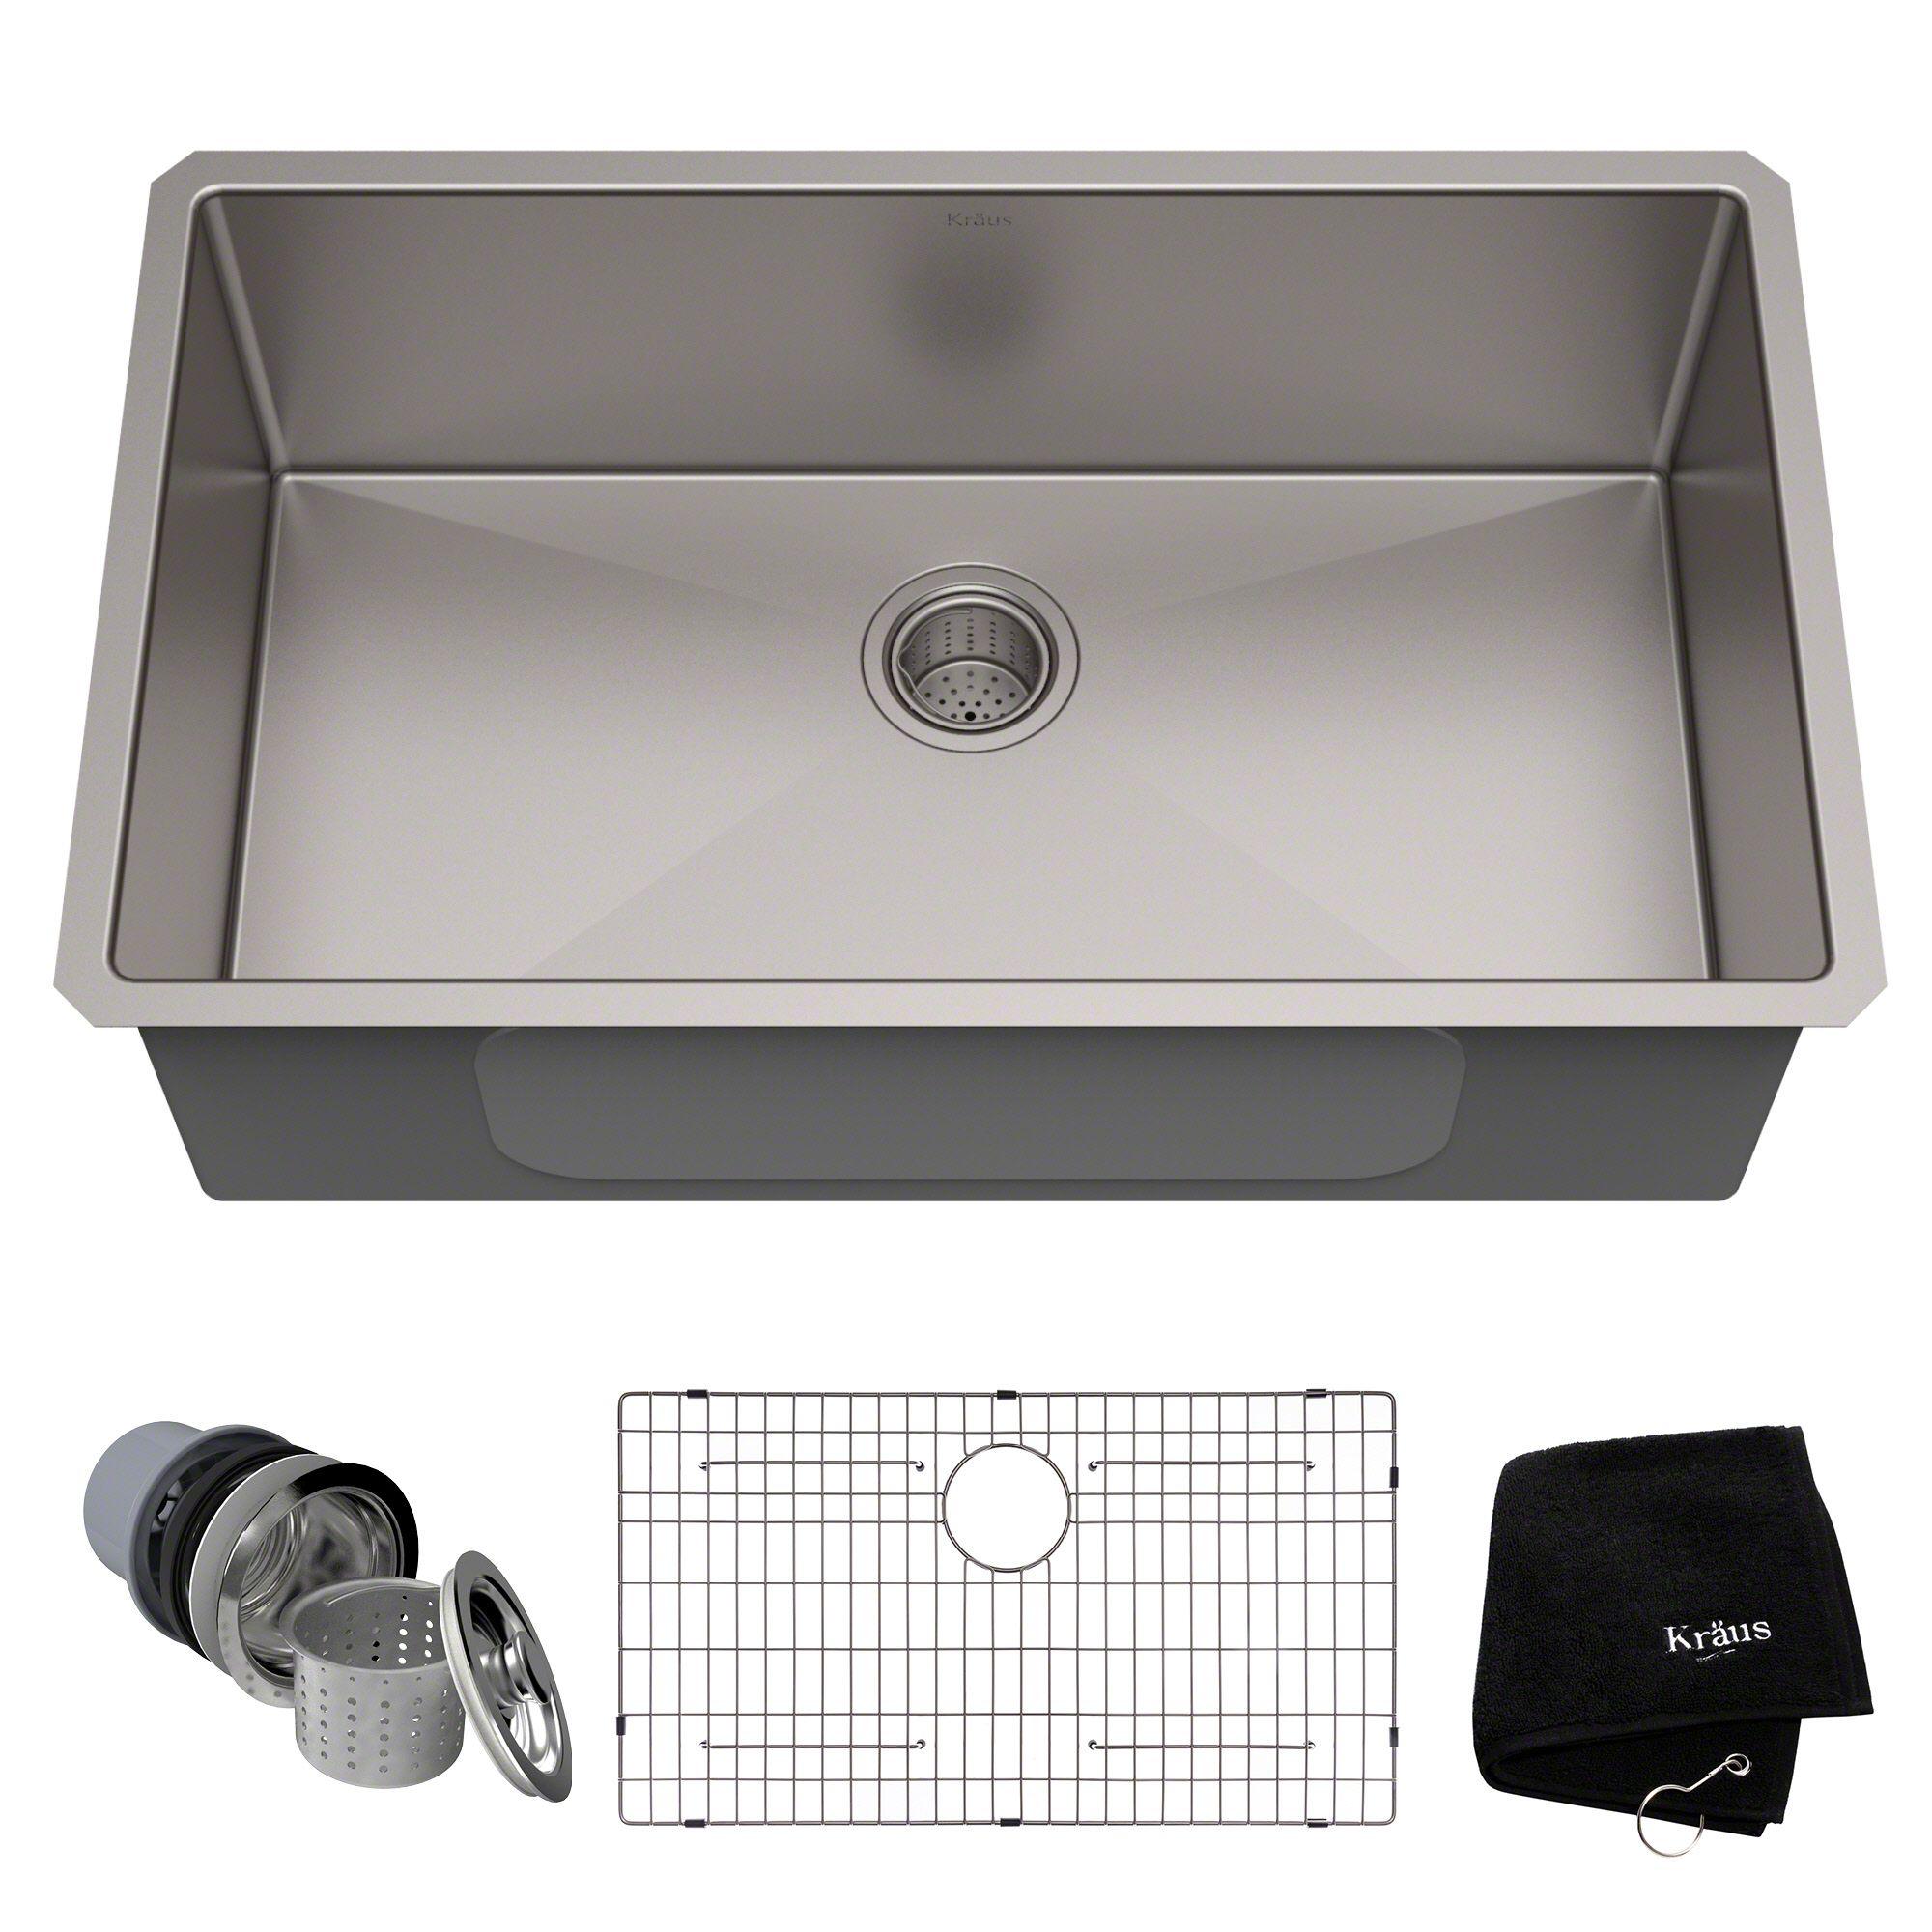 32 Undermount 16 Gauge Stainless Steel Single Bowl Kitchen Sink In 2020 Undermount Kitchen Sinks Single Bowl Kitchen Sink Sink